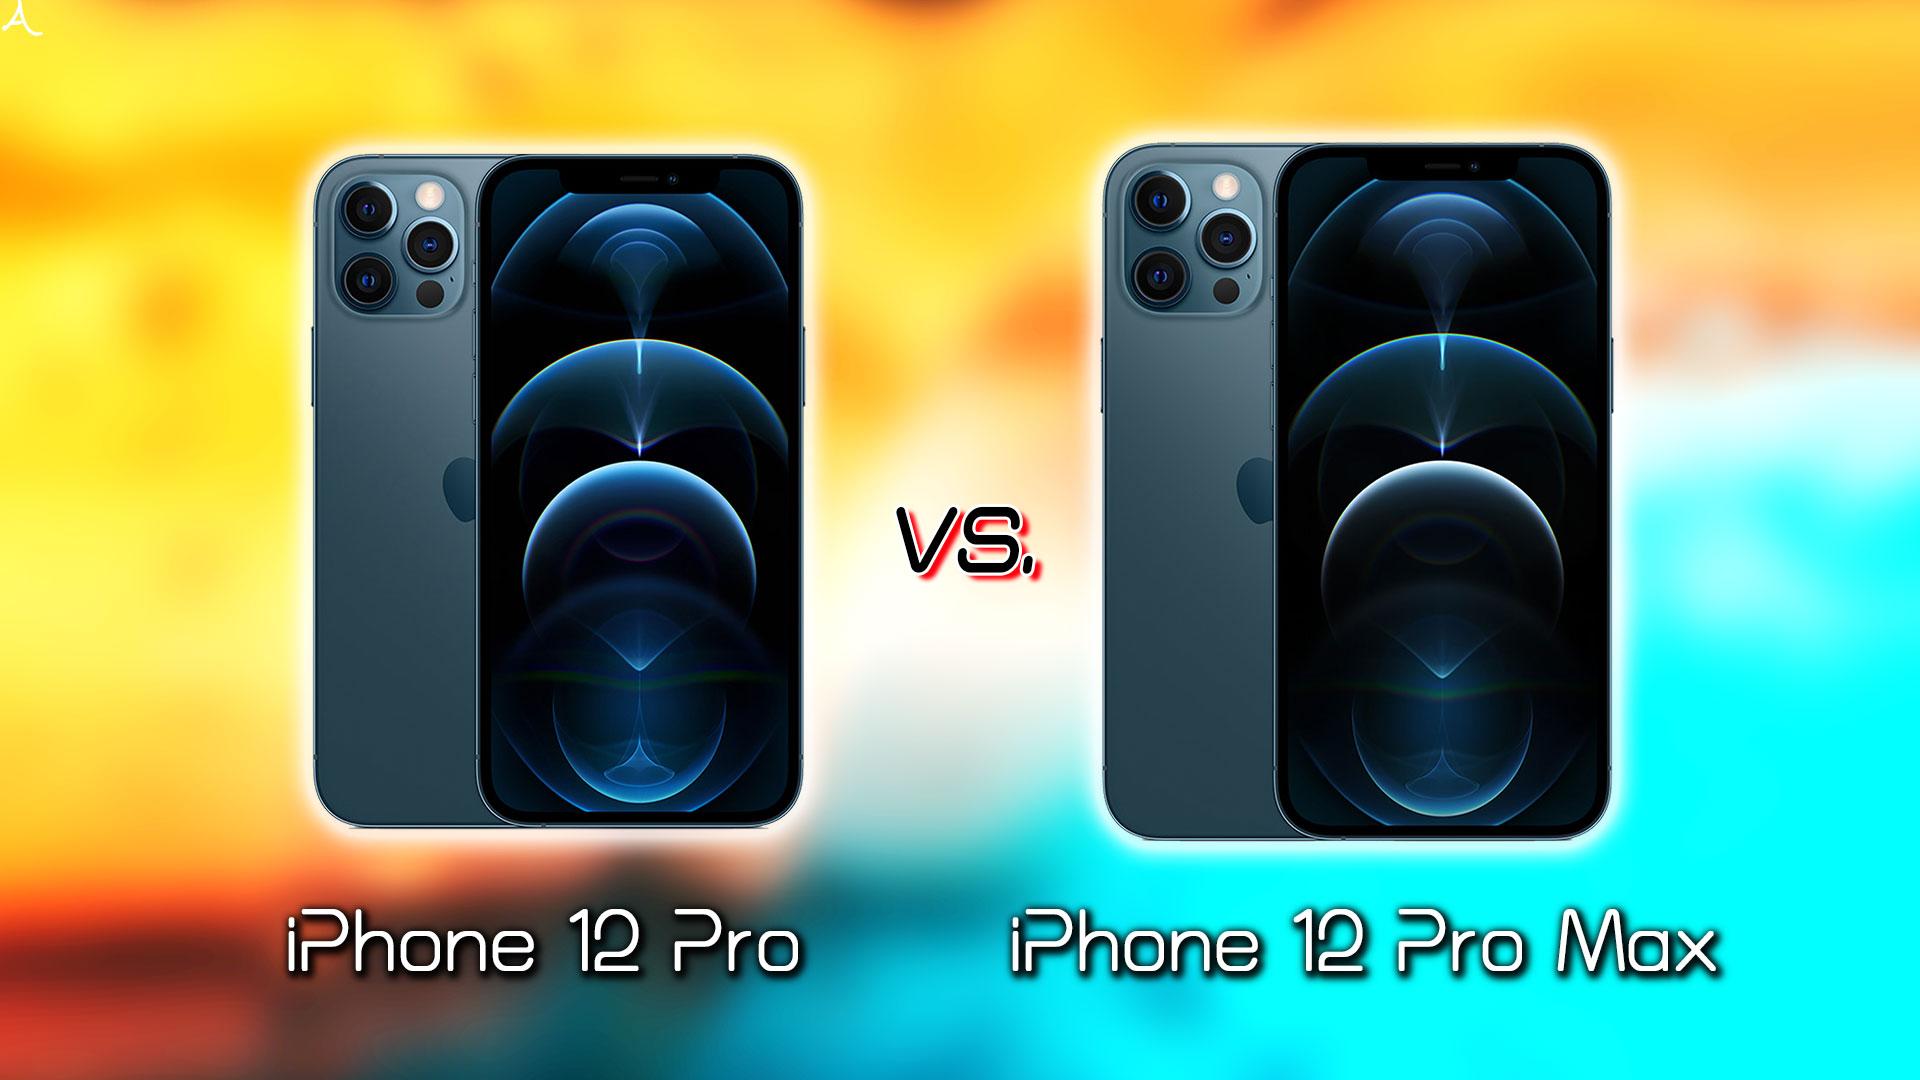 「iPhone 12 Pro」と「iPhone 12 Pro Max」の違いを比較:どっちを買う?